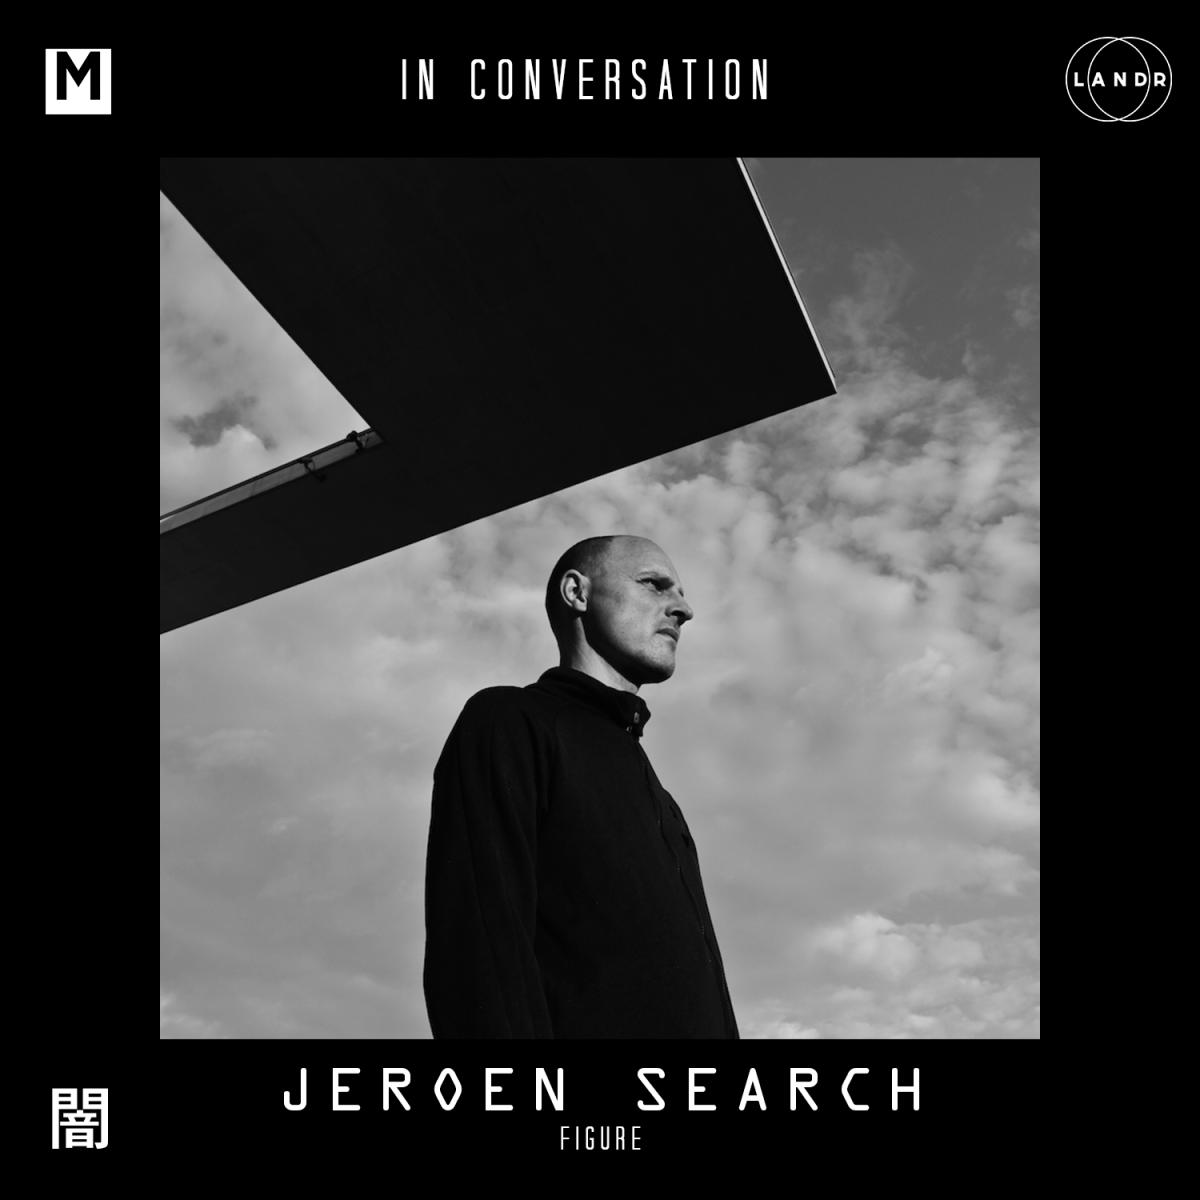 jeroensearchic